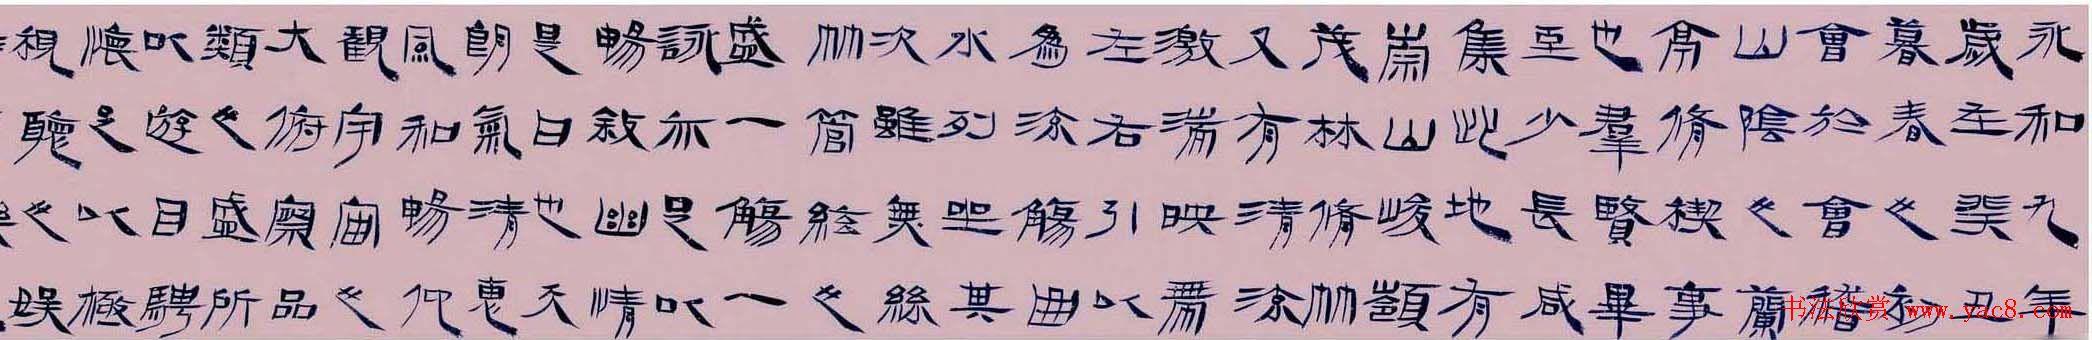 毛国典隶书作品欣赏兰亭集序